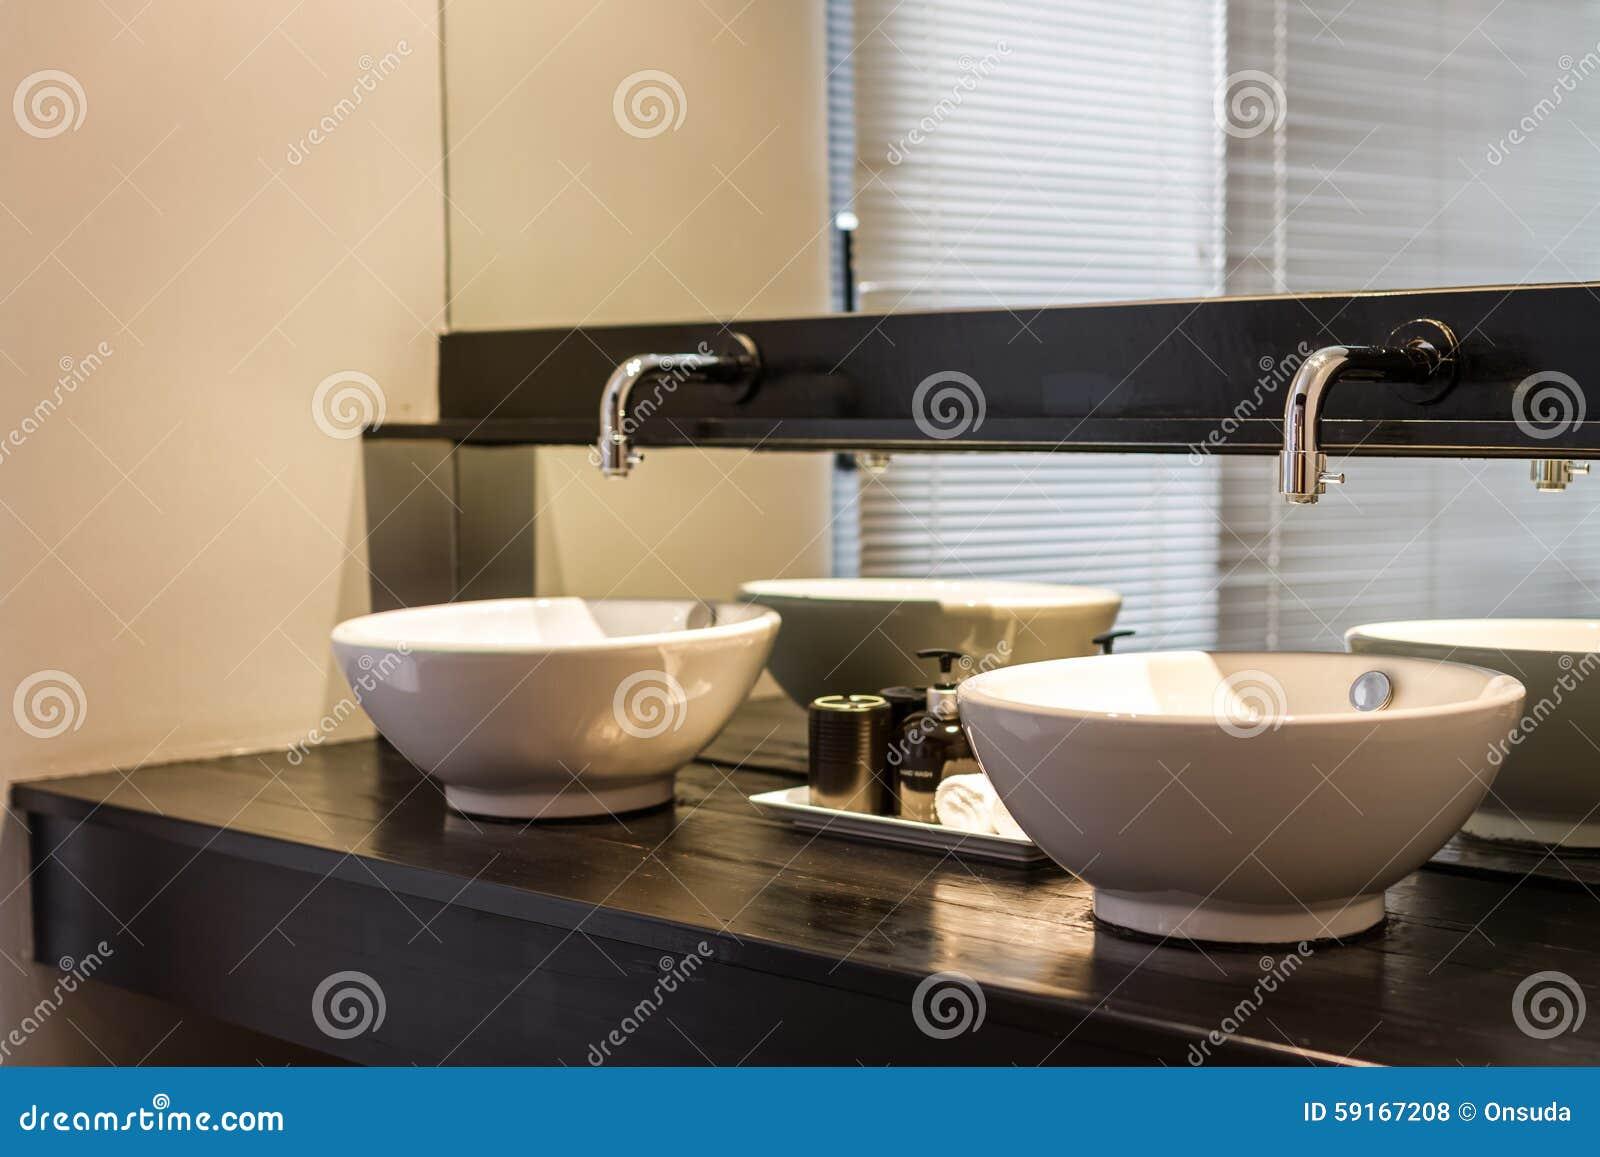 Doppi lavandini in bagno fotografia stock   immagine: 59167208